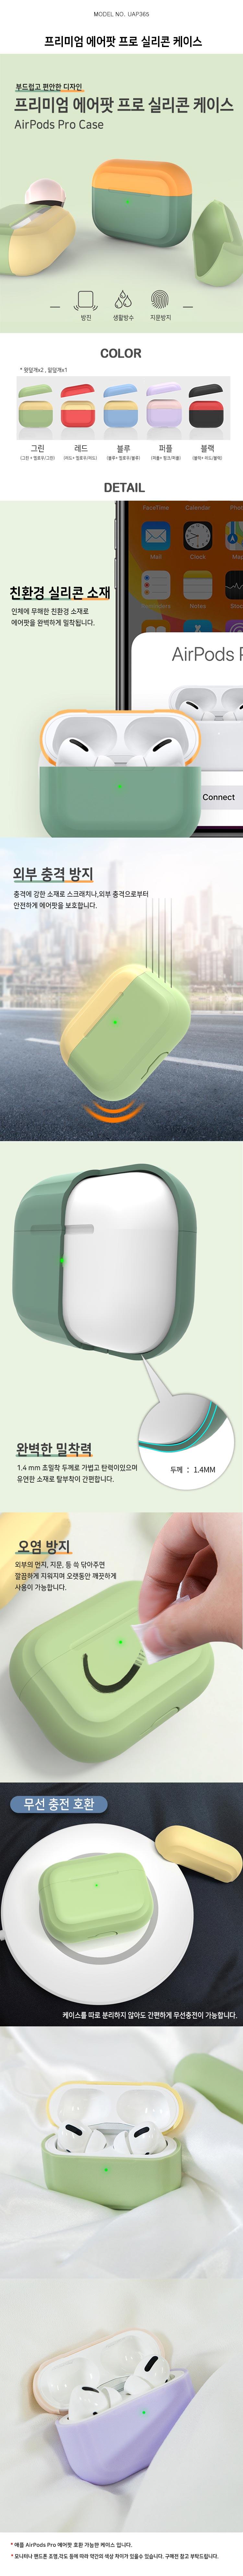 에어팟프로 3세대 무선충전 케이스 2in1 커버 실리콘9,900원-유니커블디지털, 애플, 케이스, 에어팟바보사랑에어팟프로 3세대 무선충전 케이스 2in1 커버 실리콘9,900원-유니커블디지털, 애플, 케이스, 에어팟바보사랑